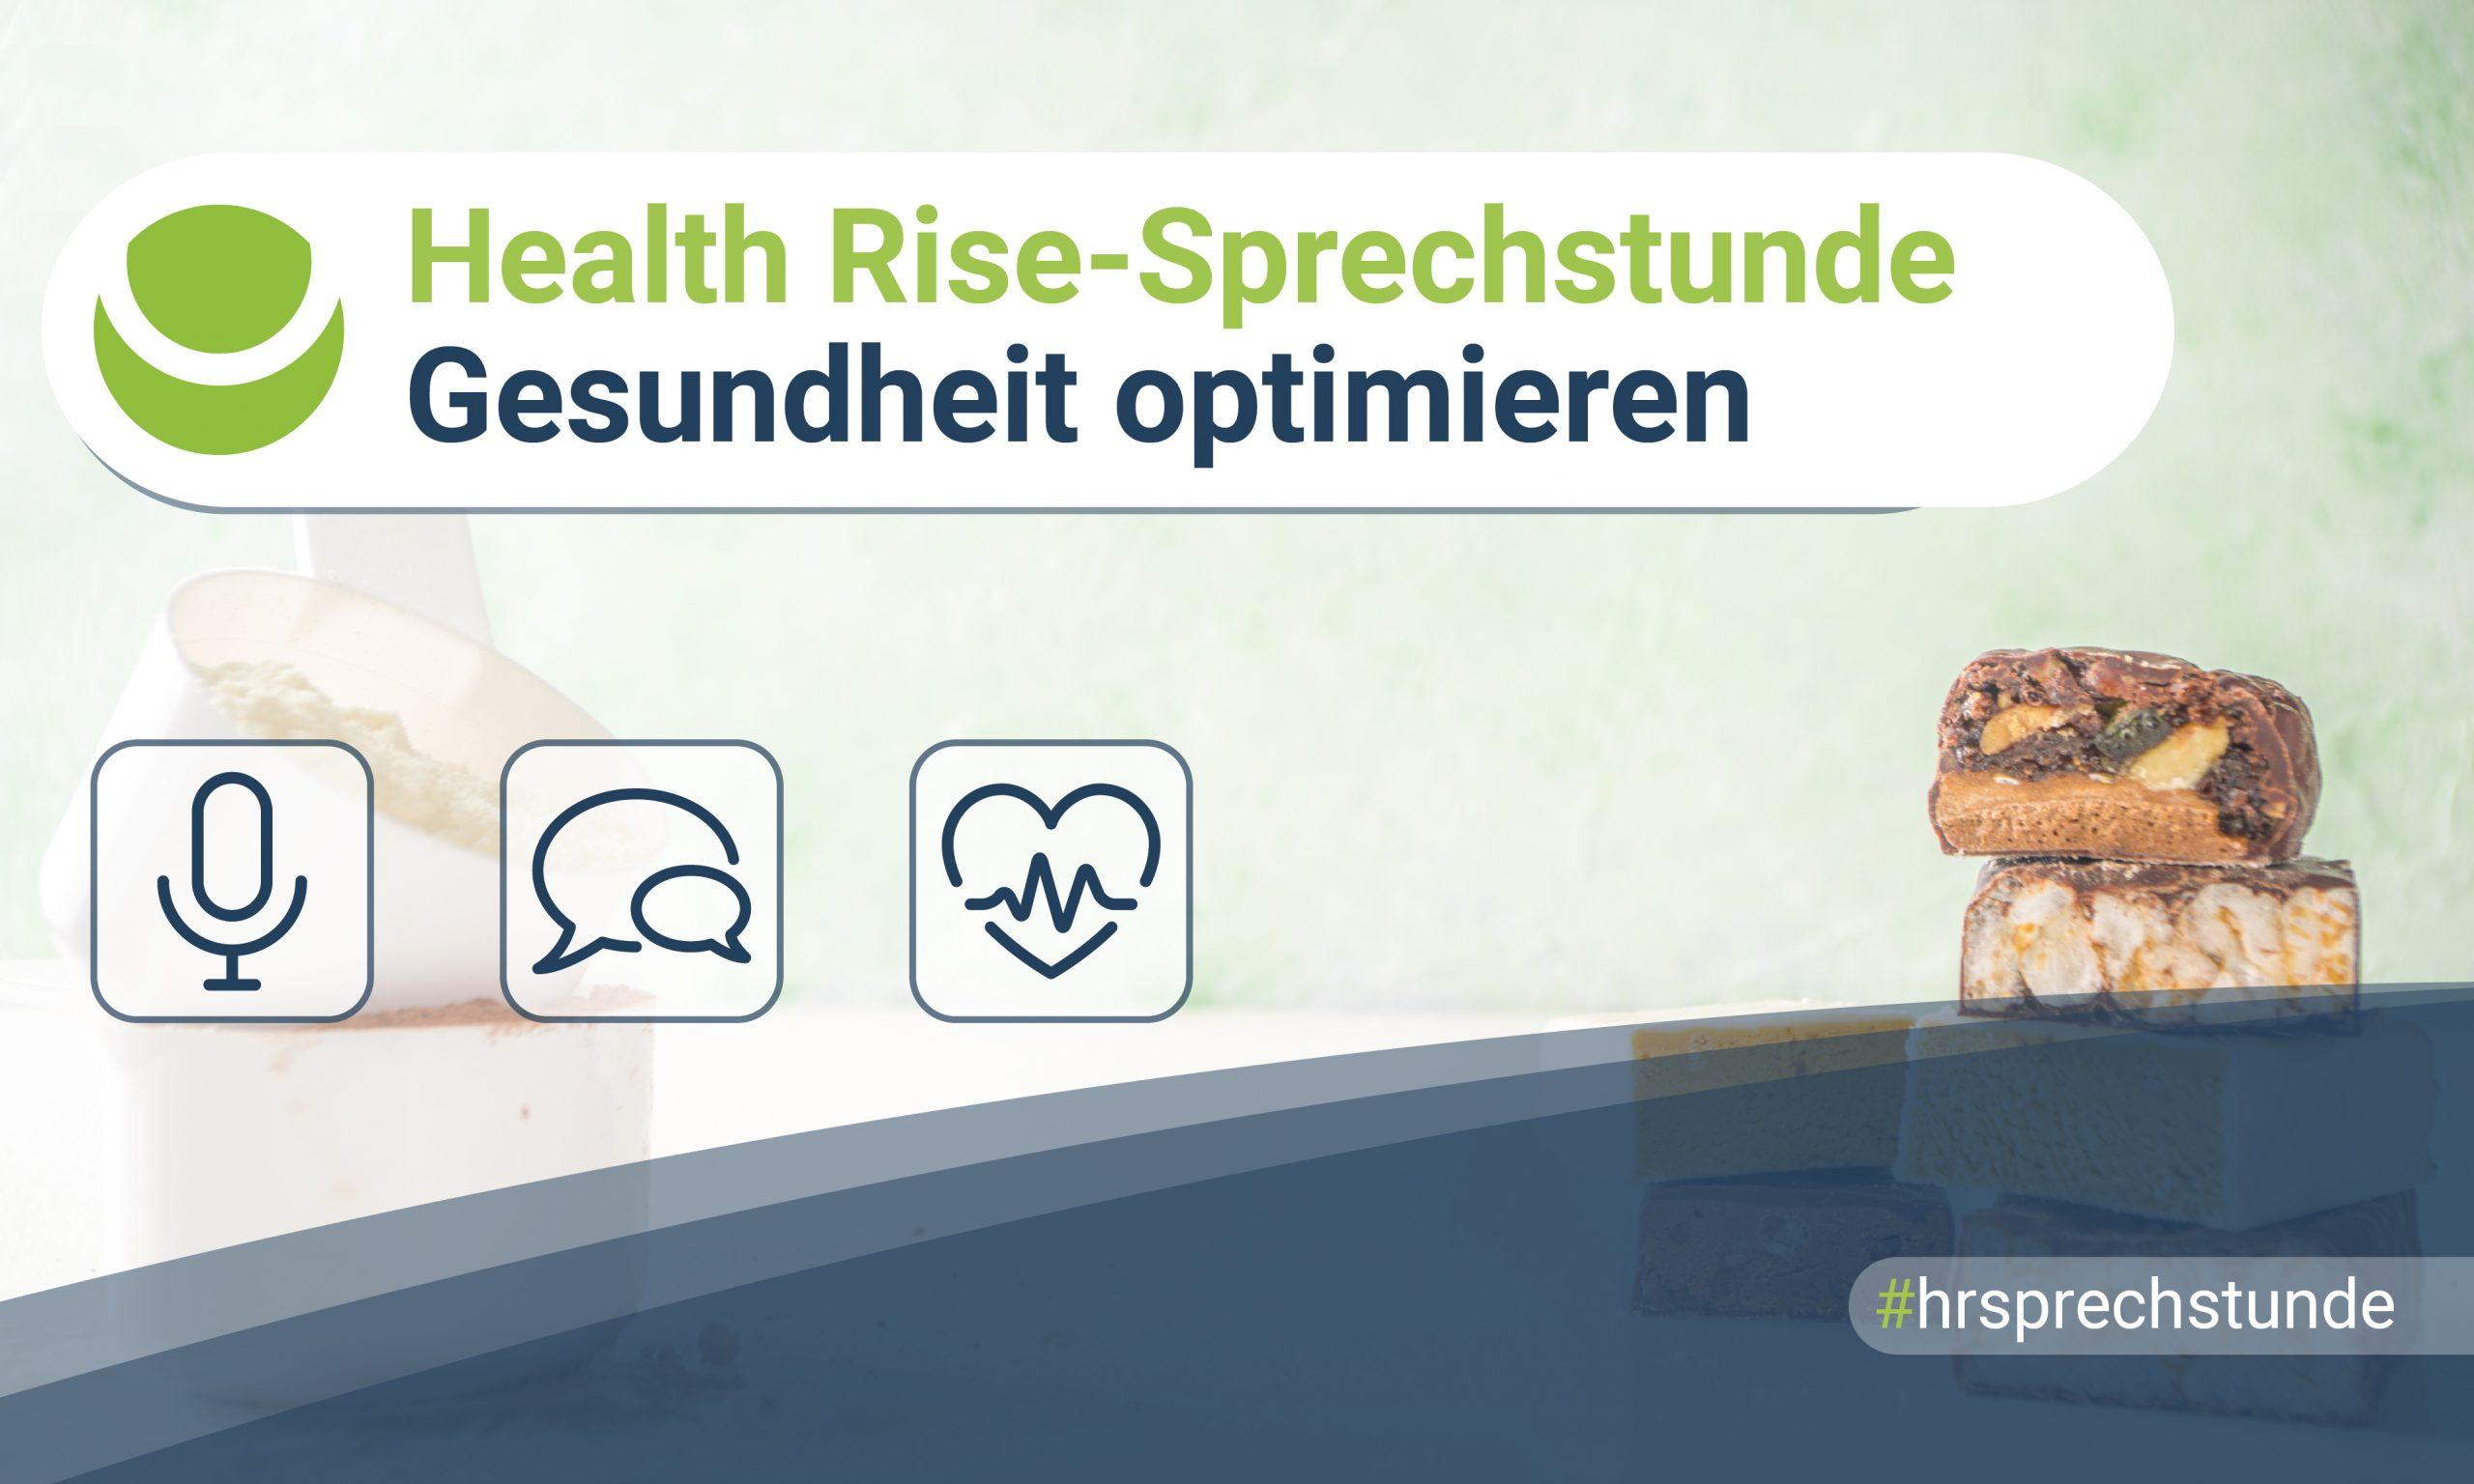 Health Rise-Sprechstunde – Gesundheit optimieren